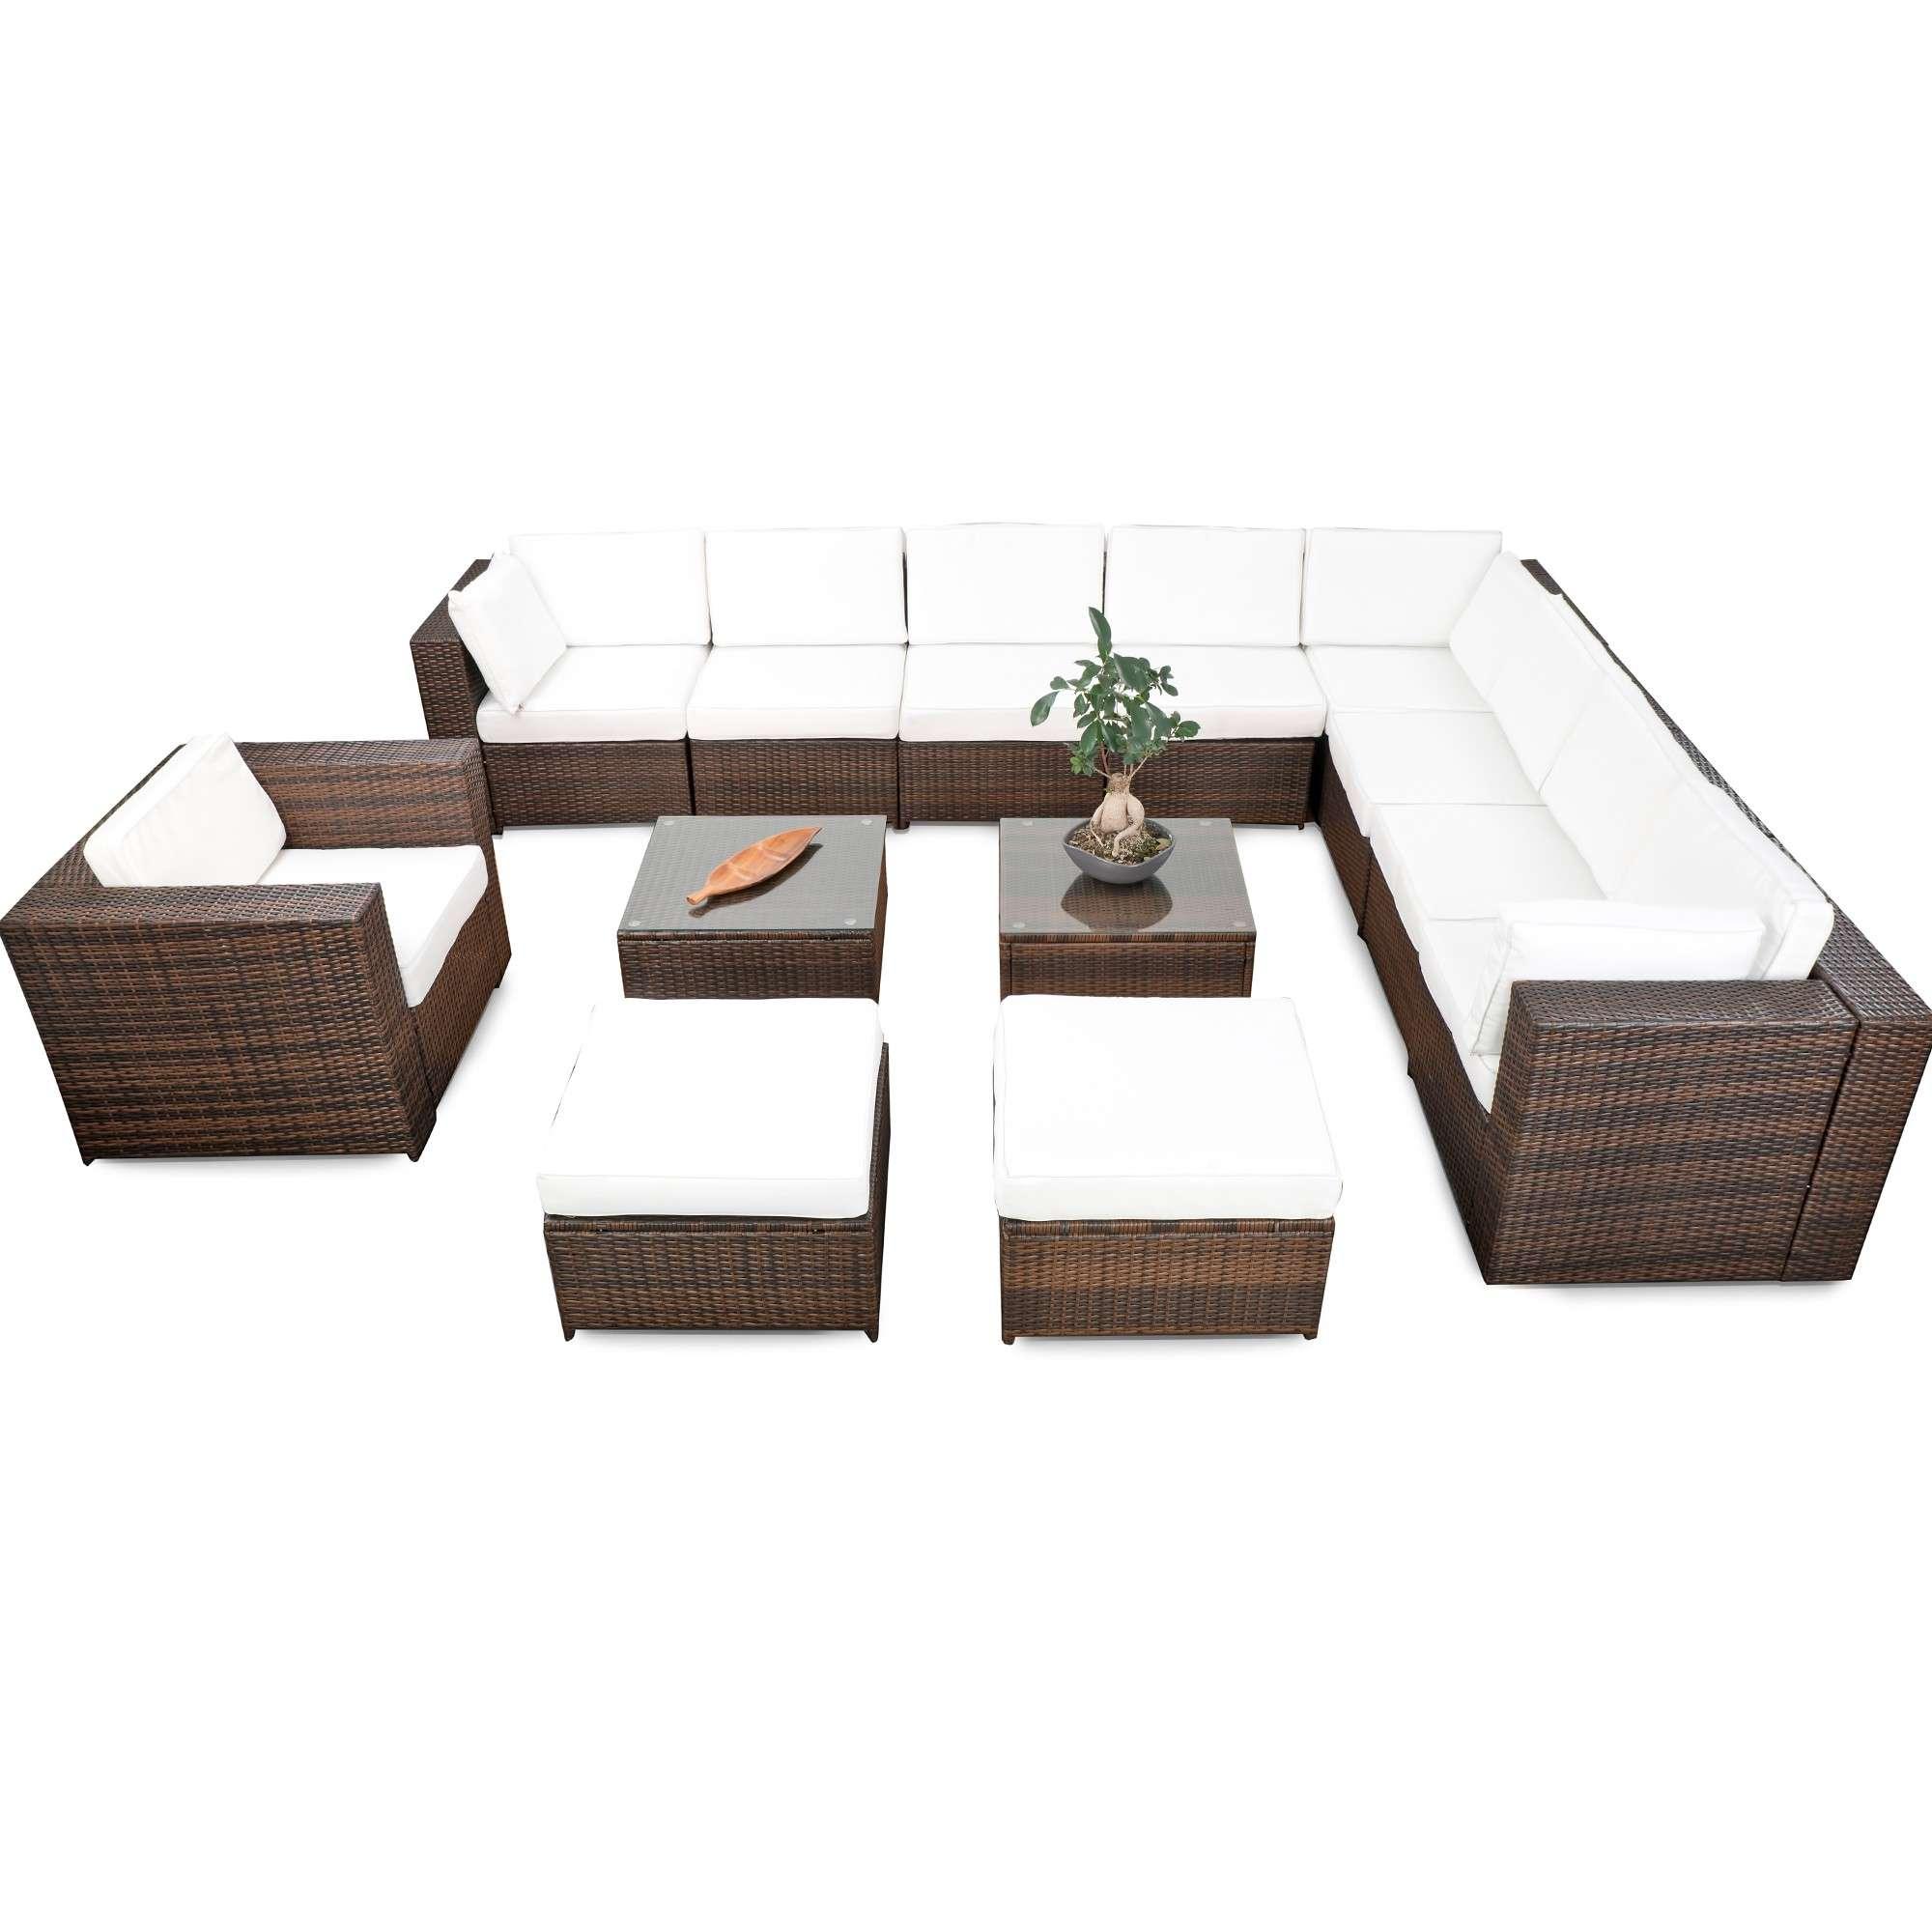 Loungemöbel Set ▻ günstig ◅ Lounge Set Garten kaufen